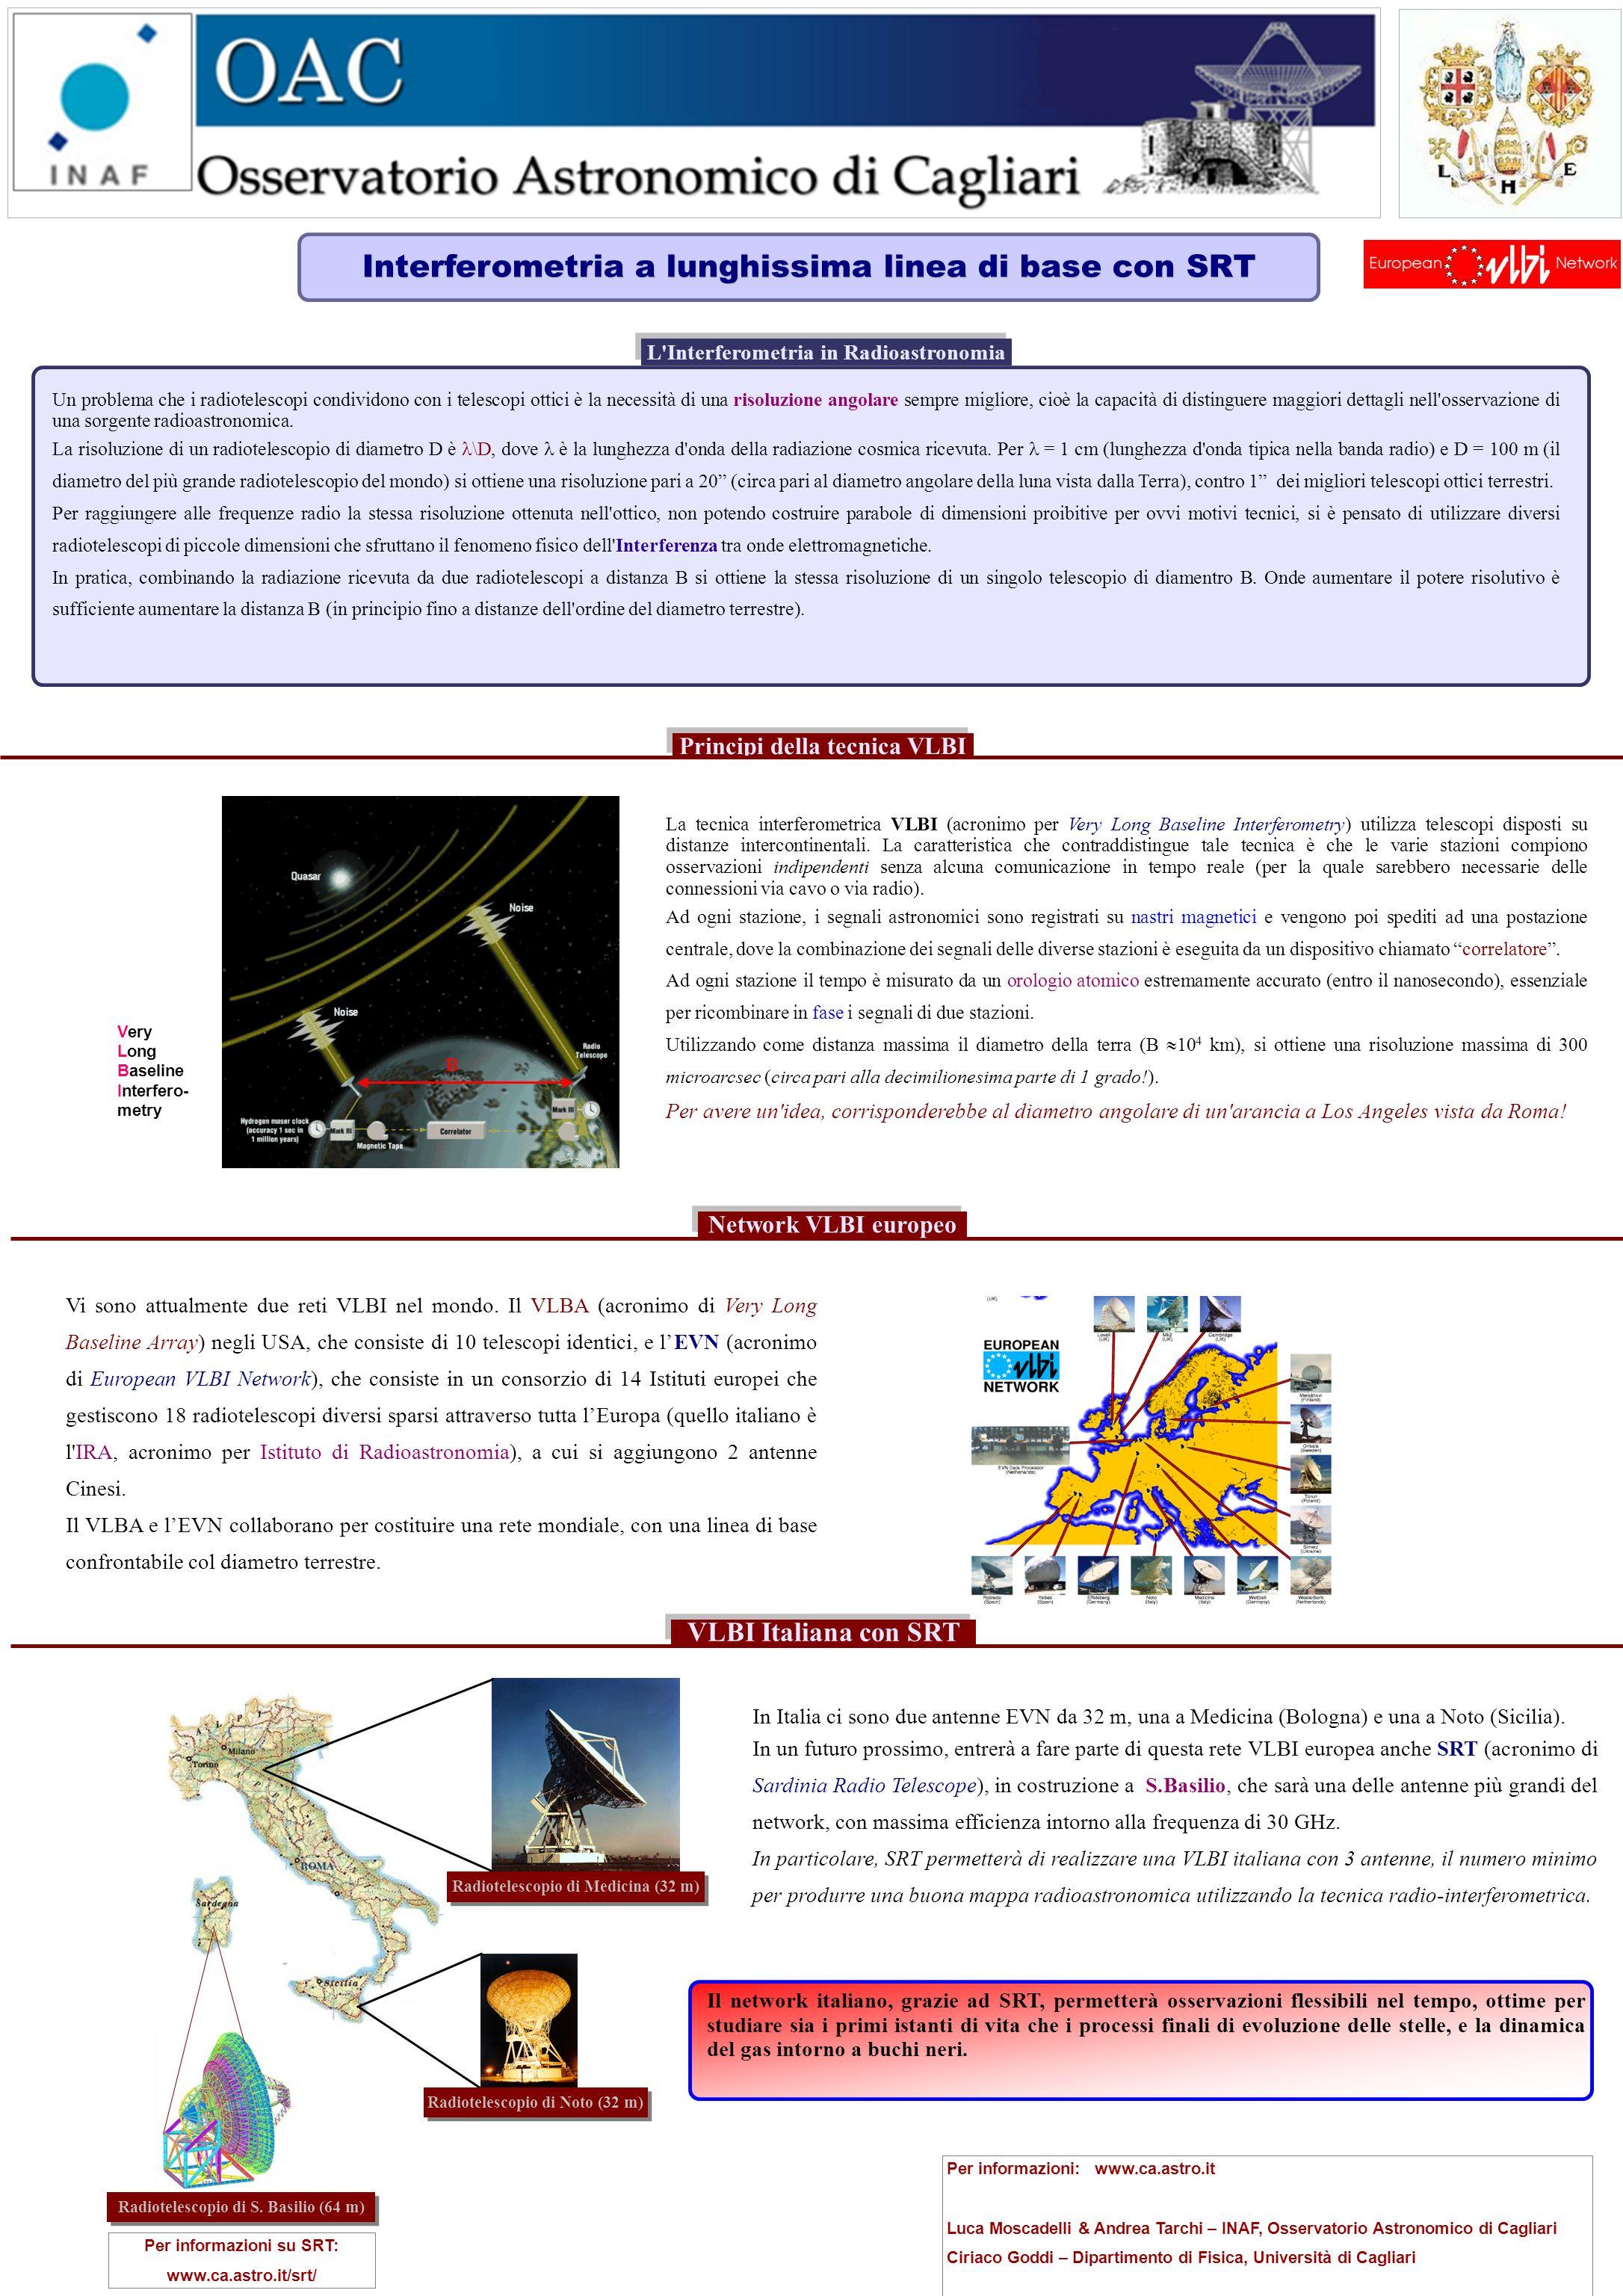 In Italia ci sono due antenne EVN da 32 m, una a Medicina (Bologna) e una a Noto (Sicilia).